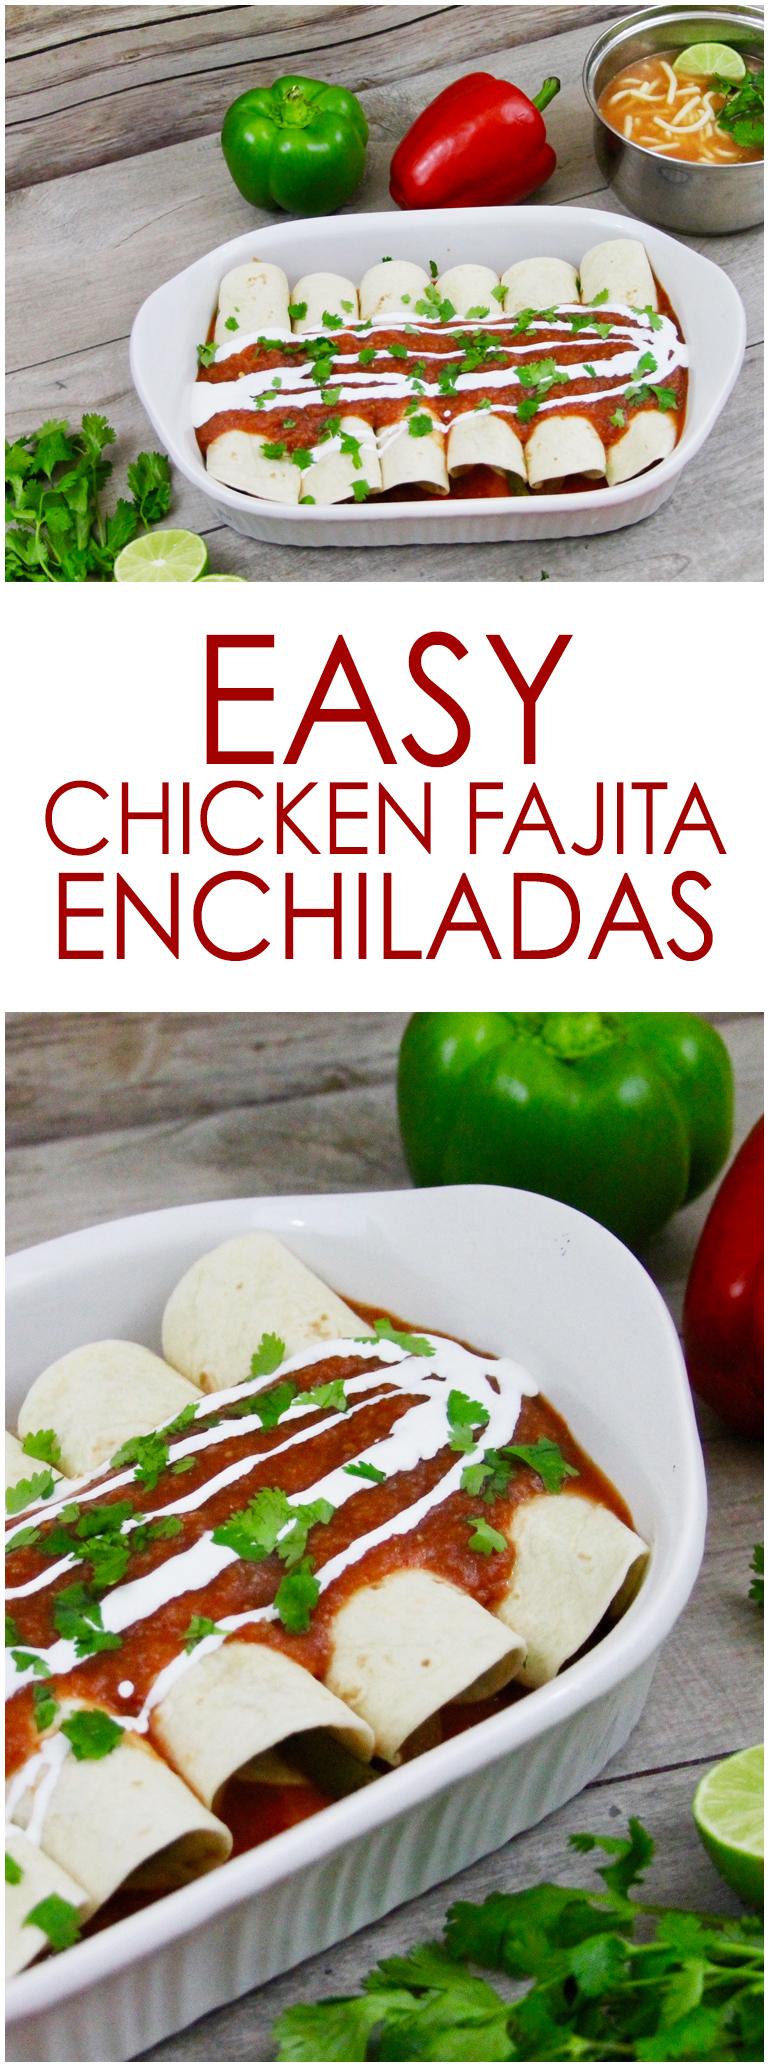 easy chicken fajita enchiladas